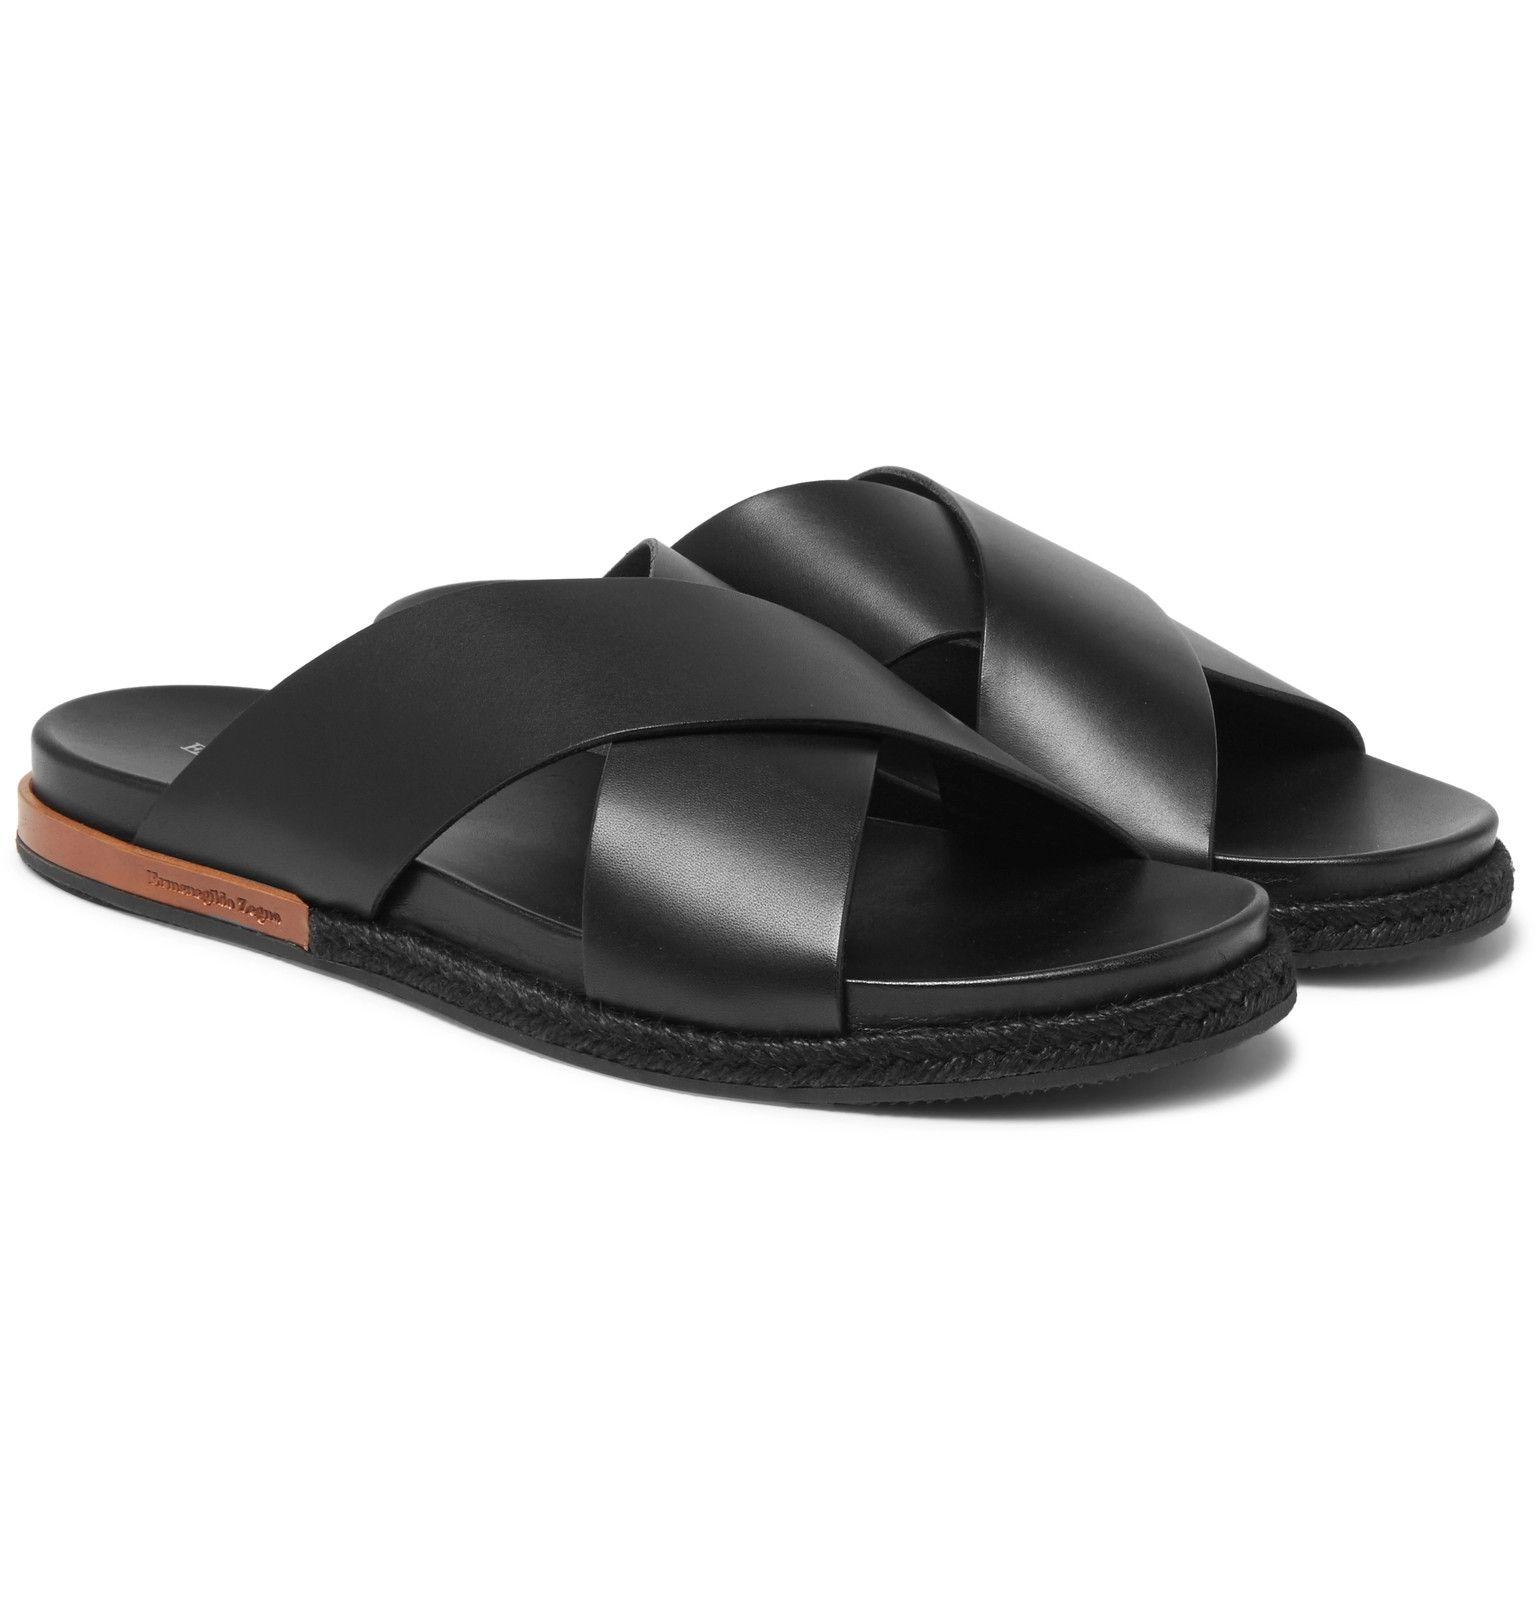 eadeaf4e85680 ERMENEGILDO ZEGNA Taormina Leather Sandals